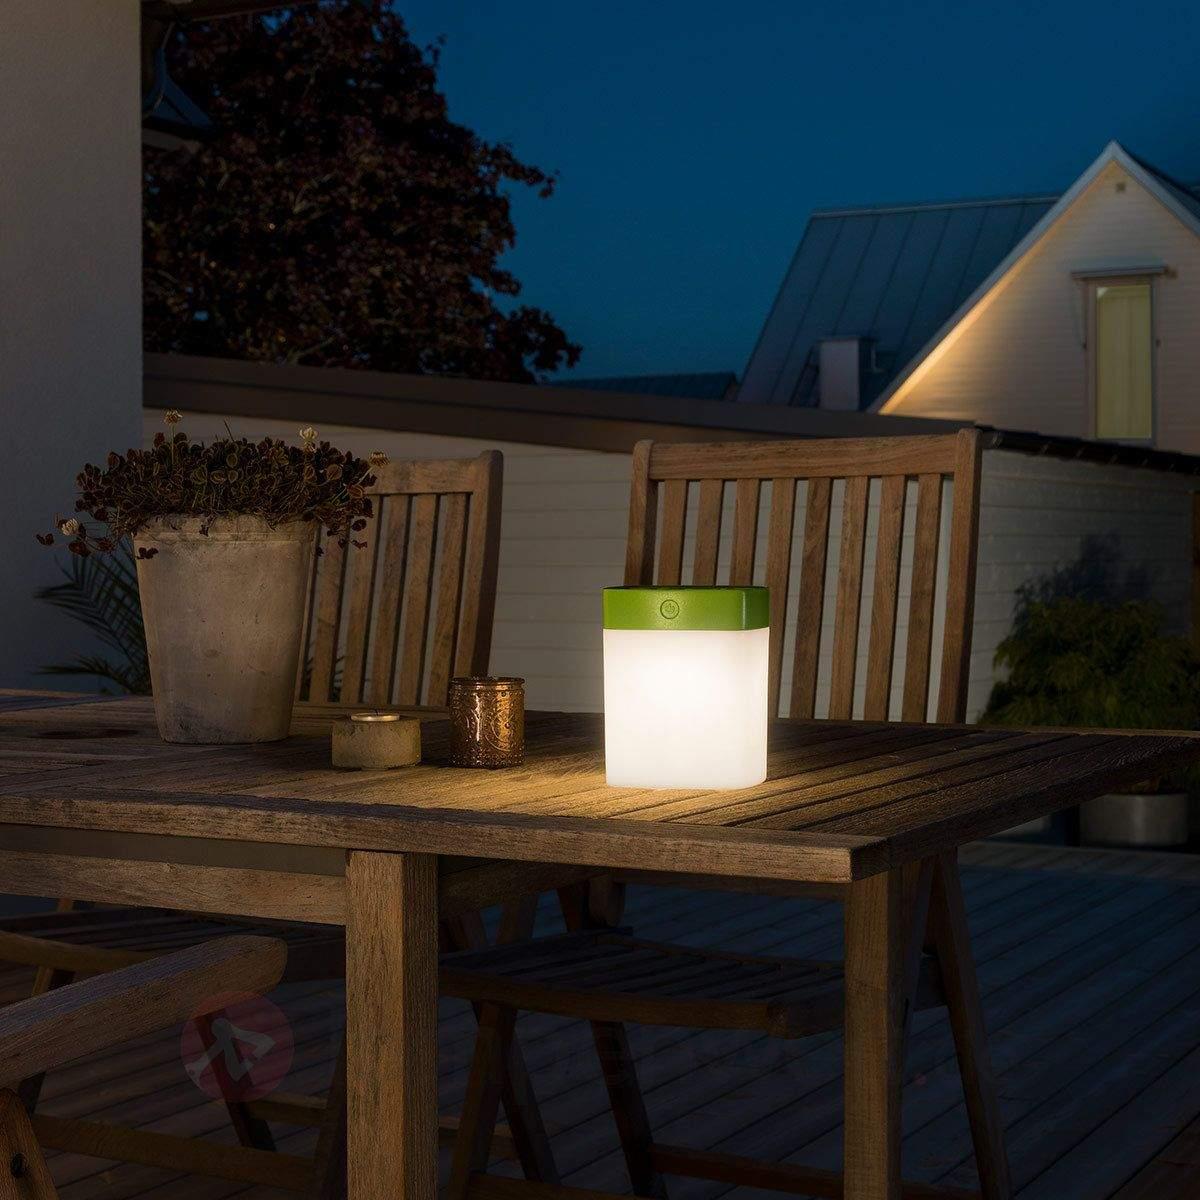 Garten solarleuchten Das Beste Von Lichtakzente In Garten Und Terrasse Led solarleuchte assisi